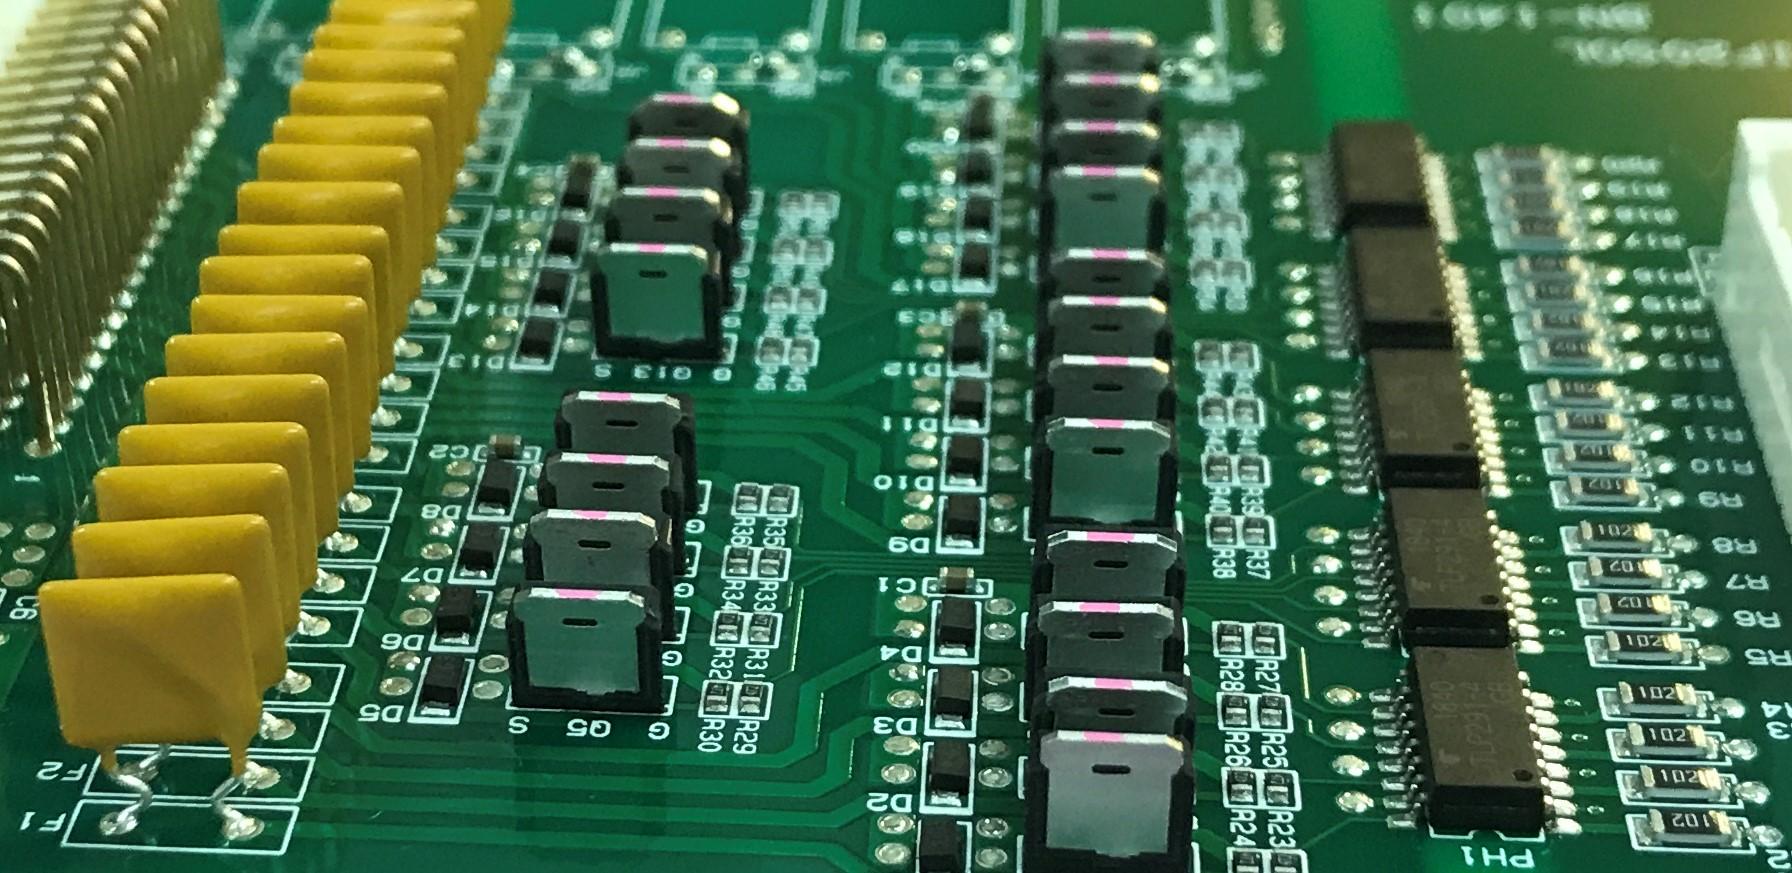 マルチ出力型DCコンバータ回路